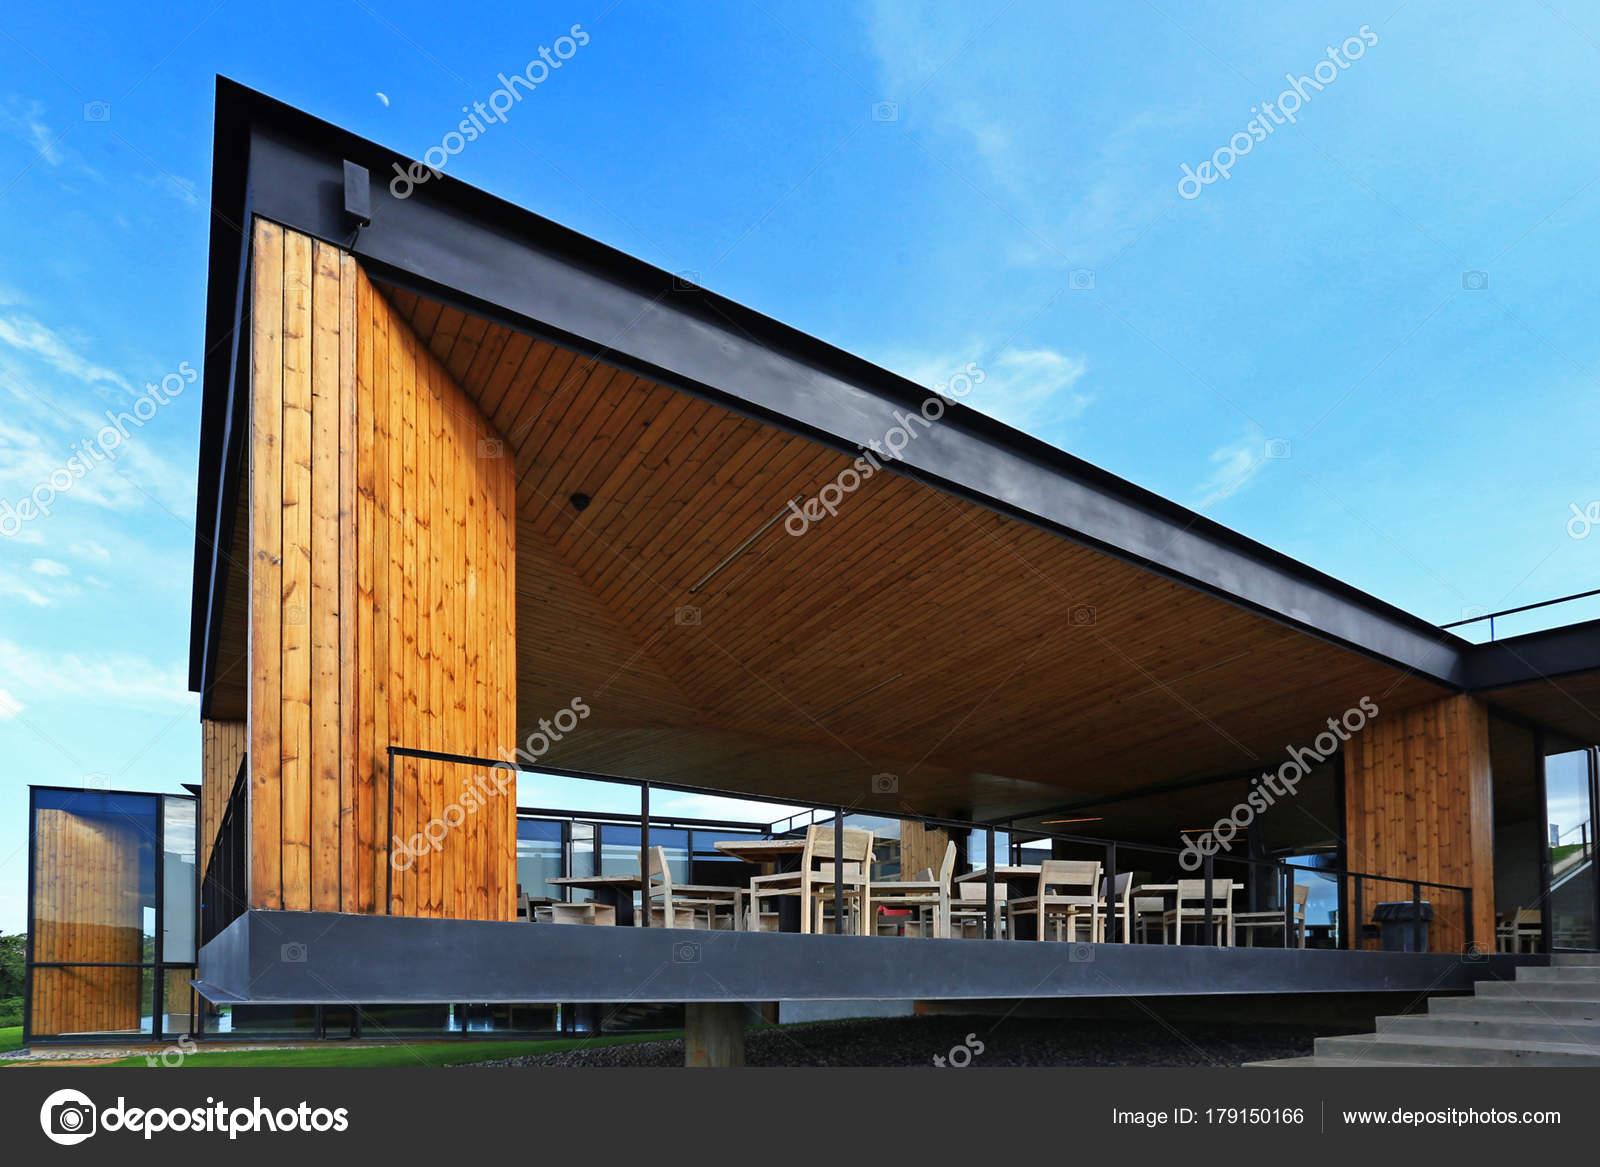 Zeitgenössische Architektur Mit Metall Und Holz — Stockfoto © S ...